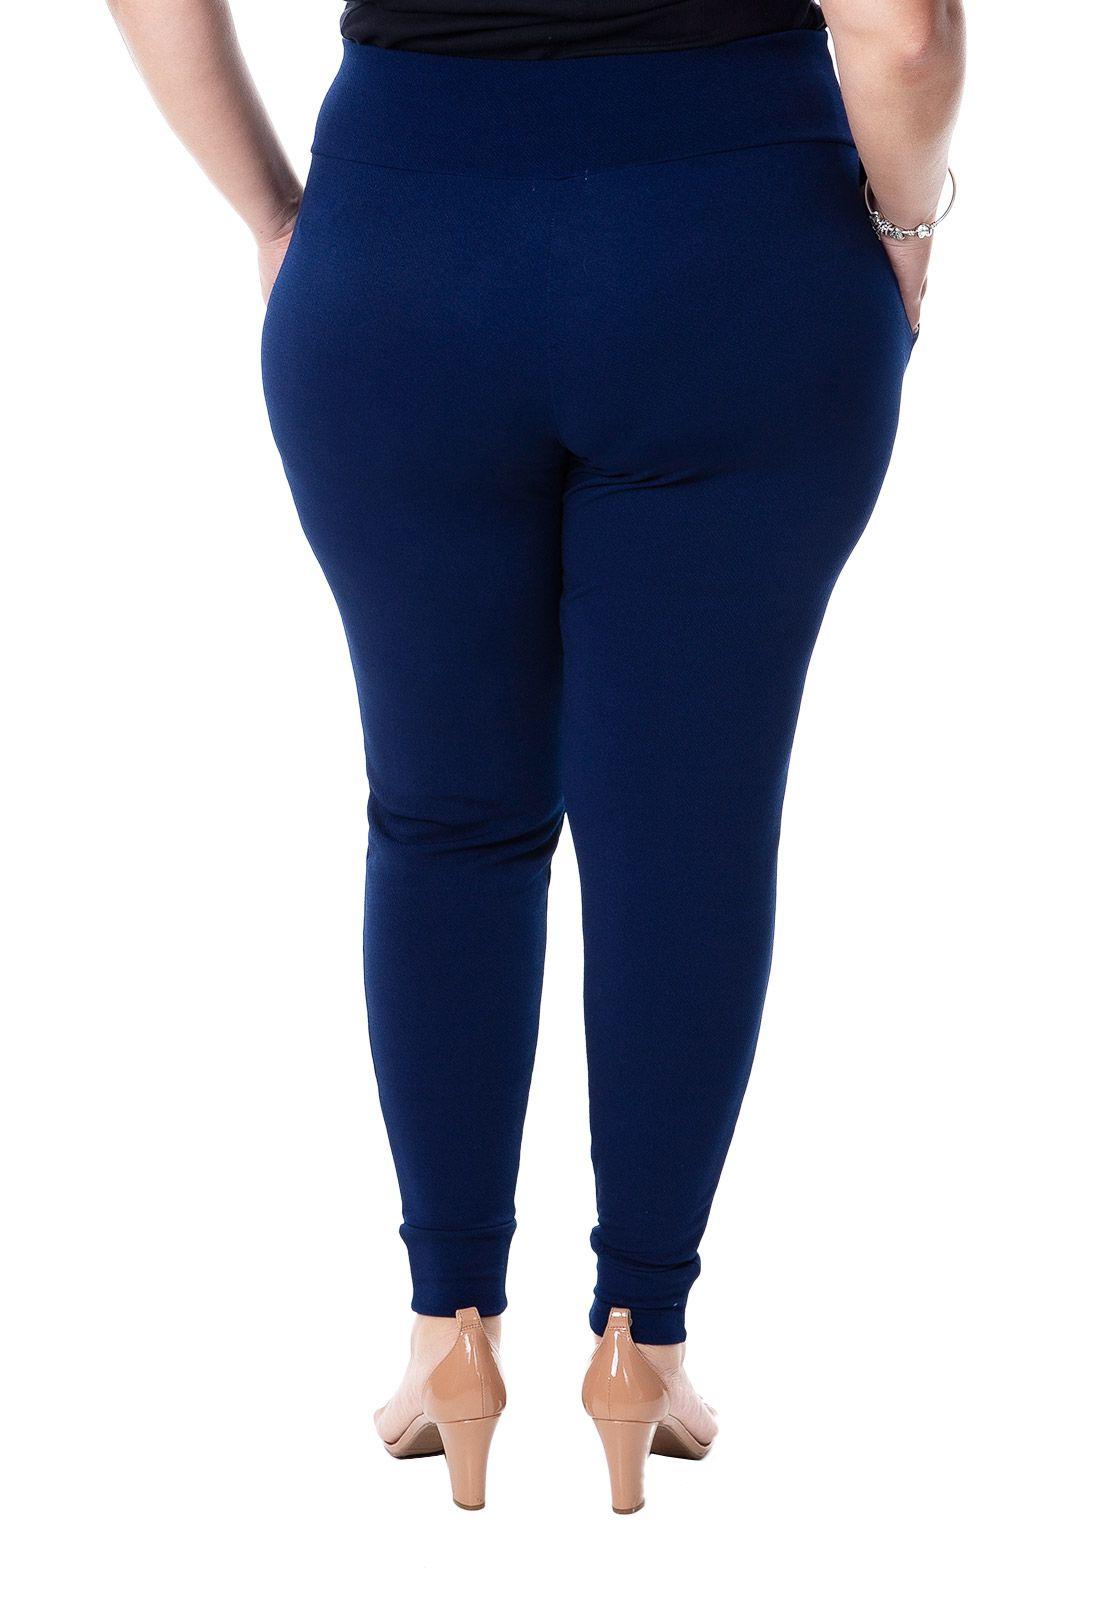 Calça jogging plus size de malha azul marinho